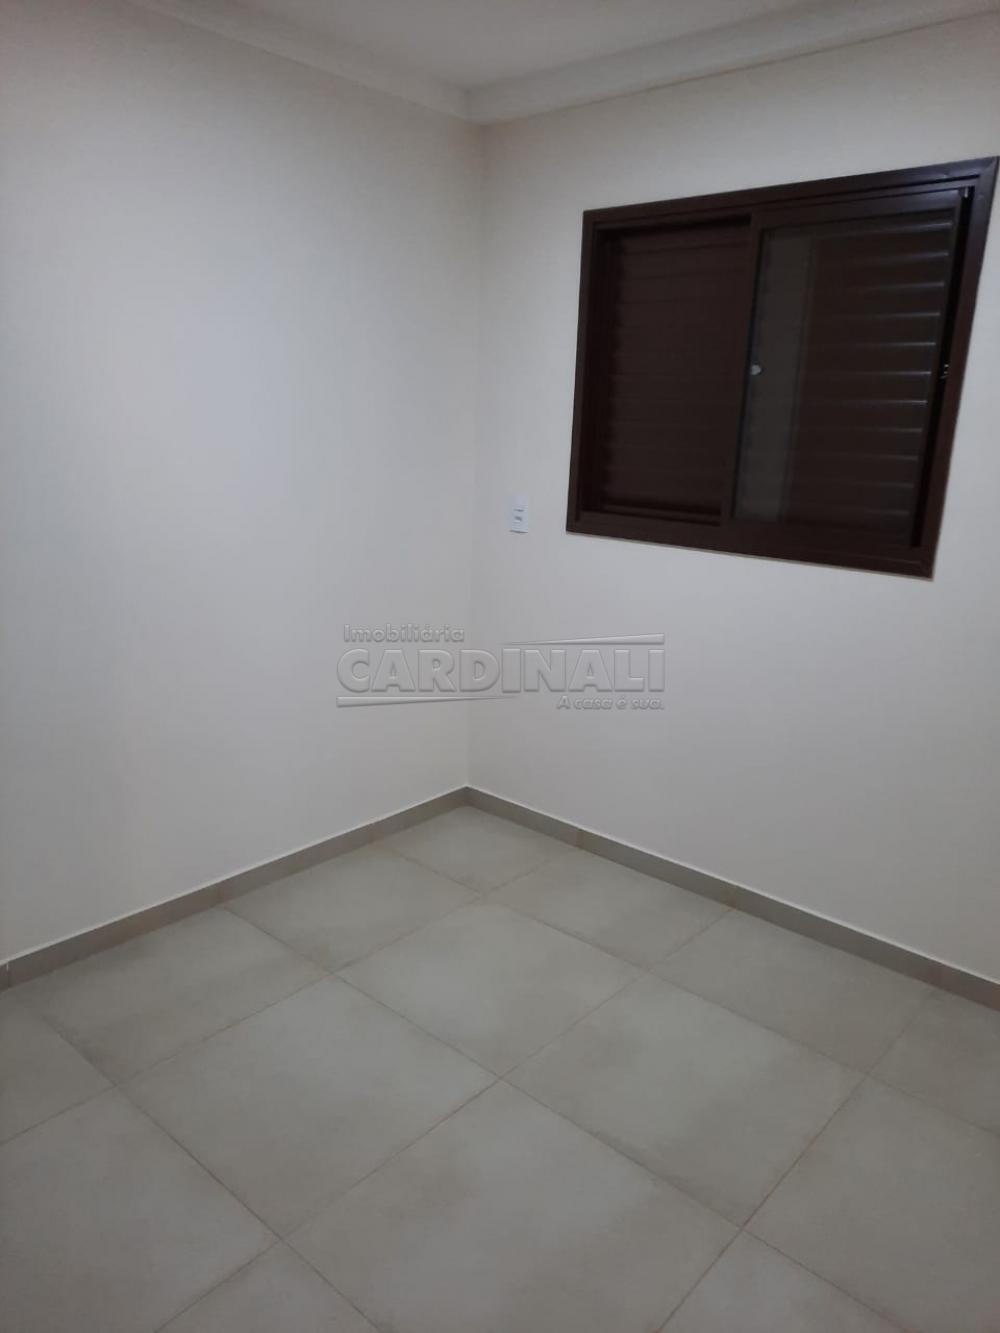 Alugar Apartamento / Padrão em São Carlos R$ 1.800,00 - Foto 35